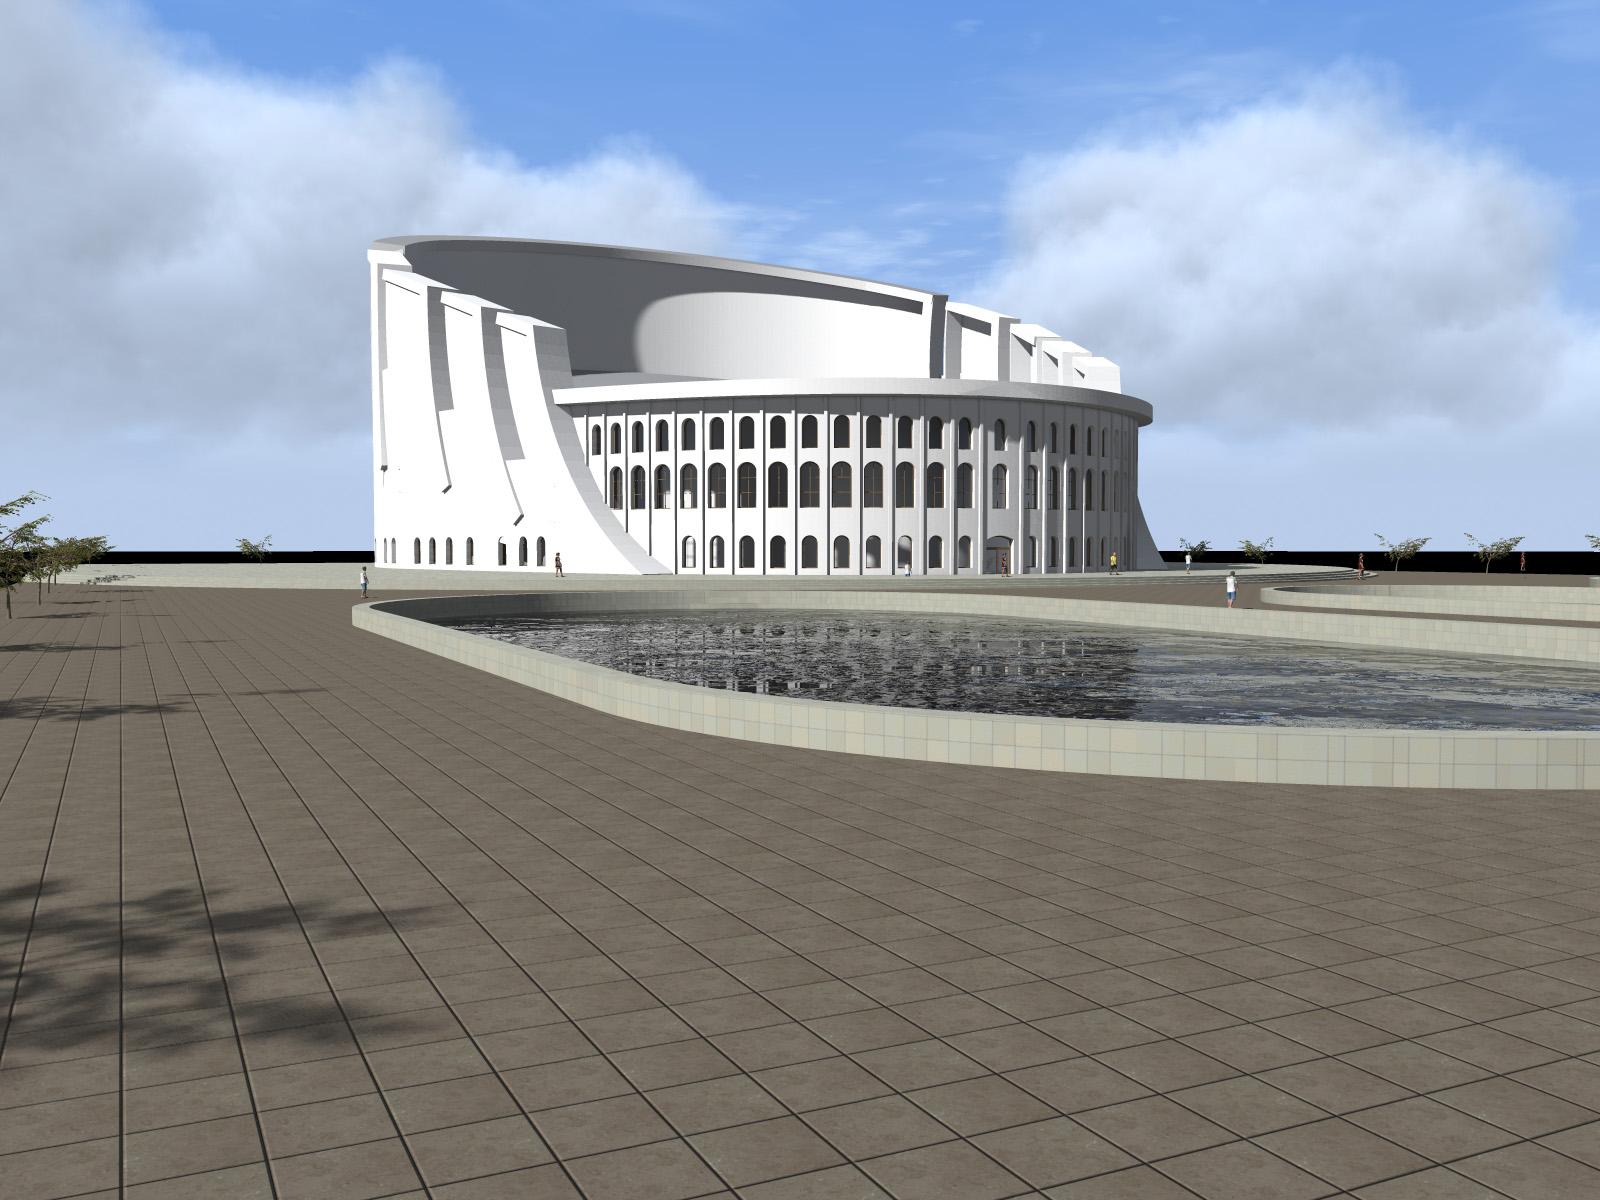 Разработка архитектурной концепции театра оперы и балета фото f_70552f4e0e241869.jpg